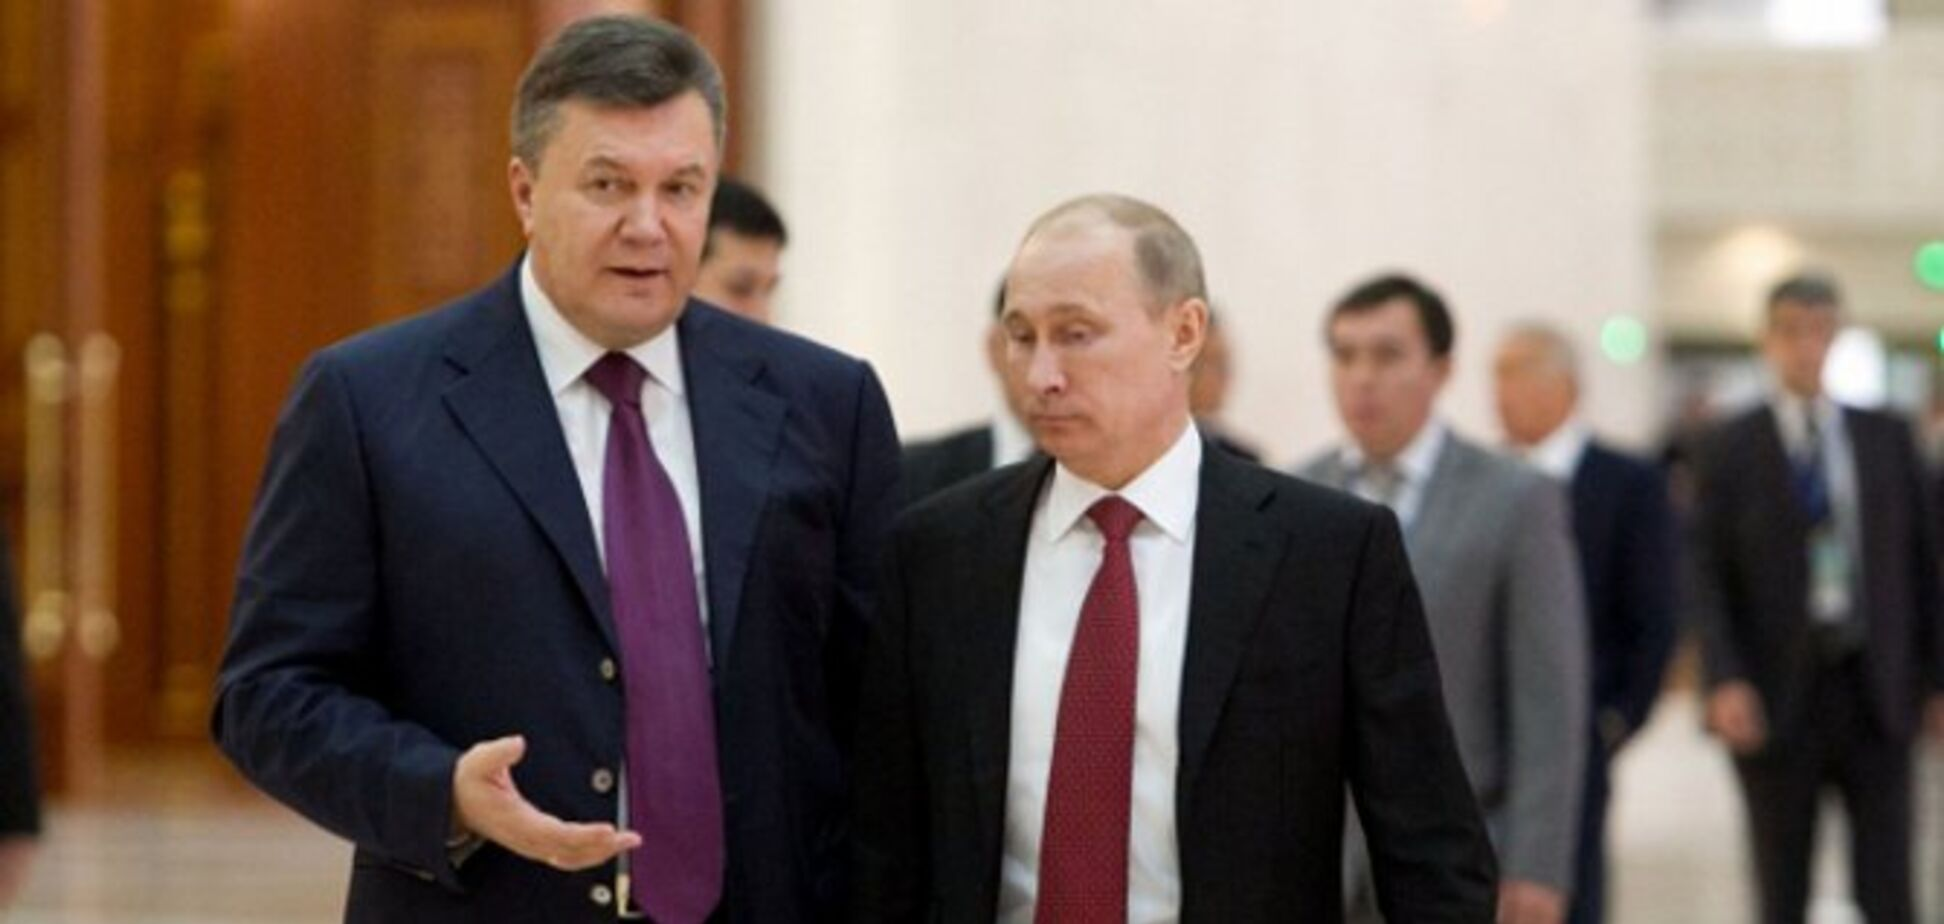 Путін погрожував вбити Януковича? Піонтковський розкрив ексклюзивні подробиці